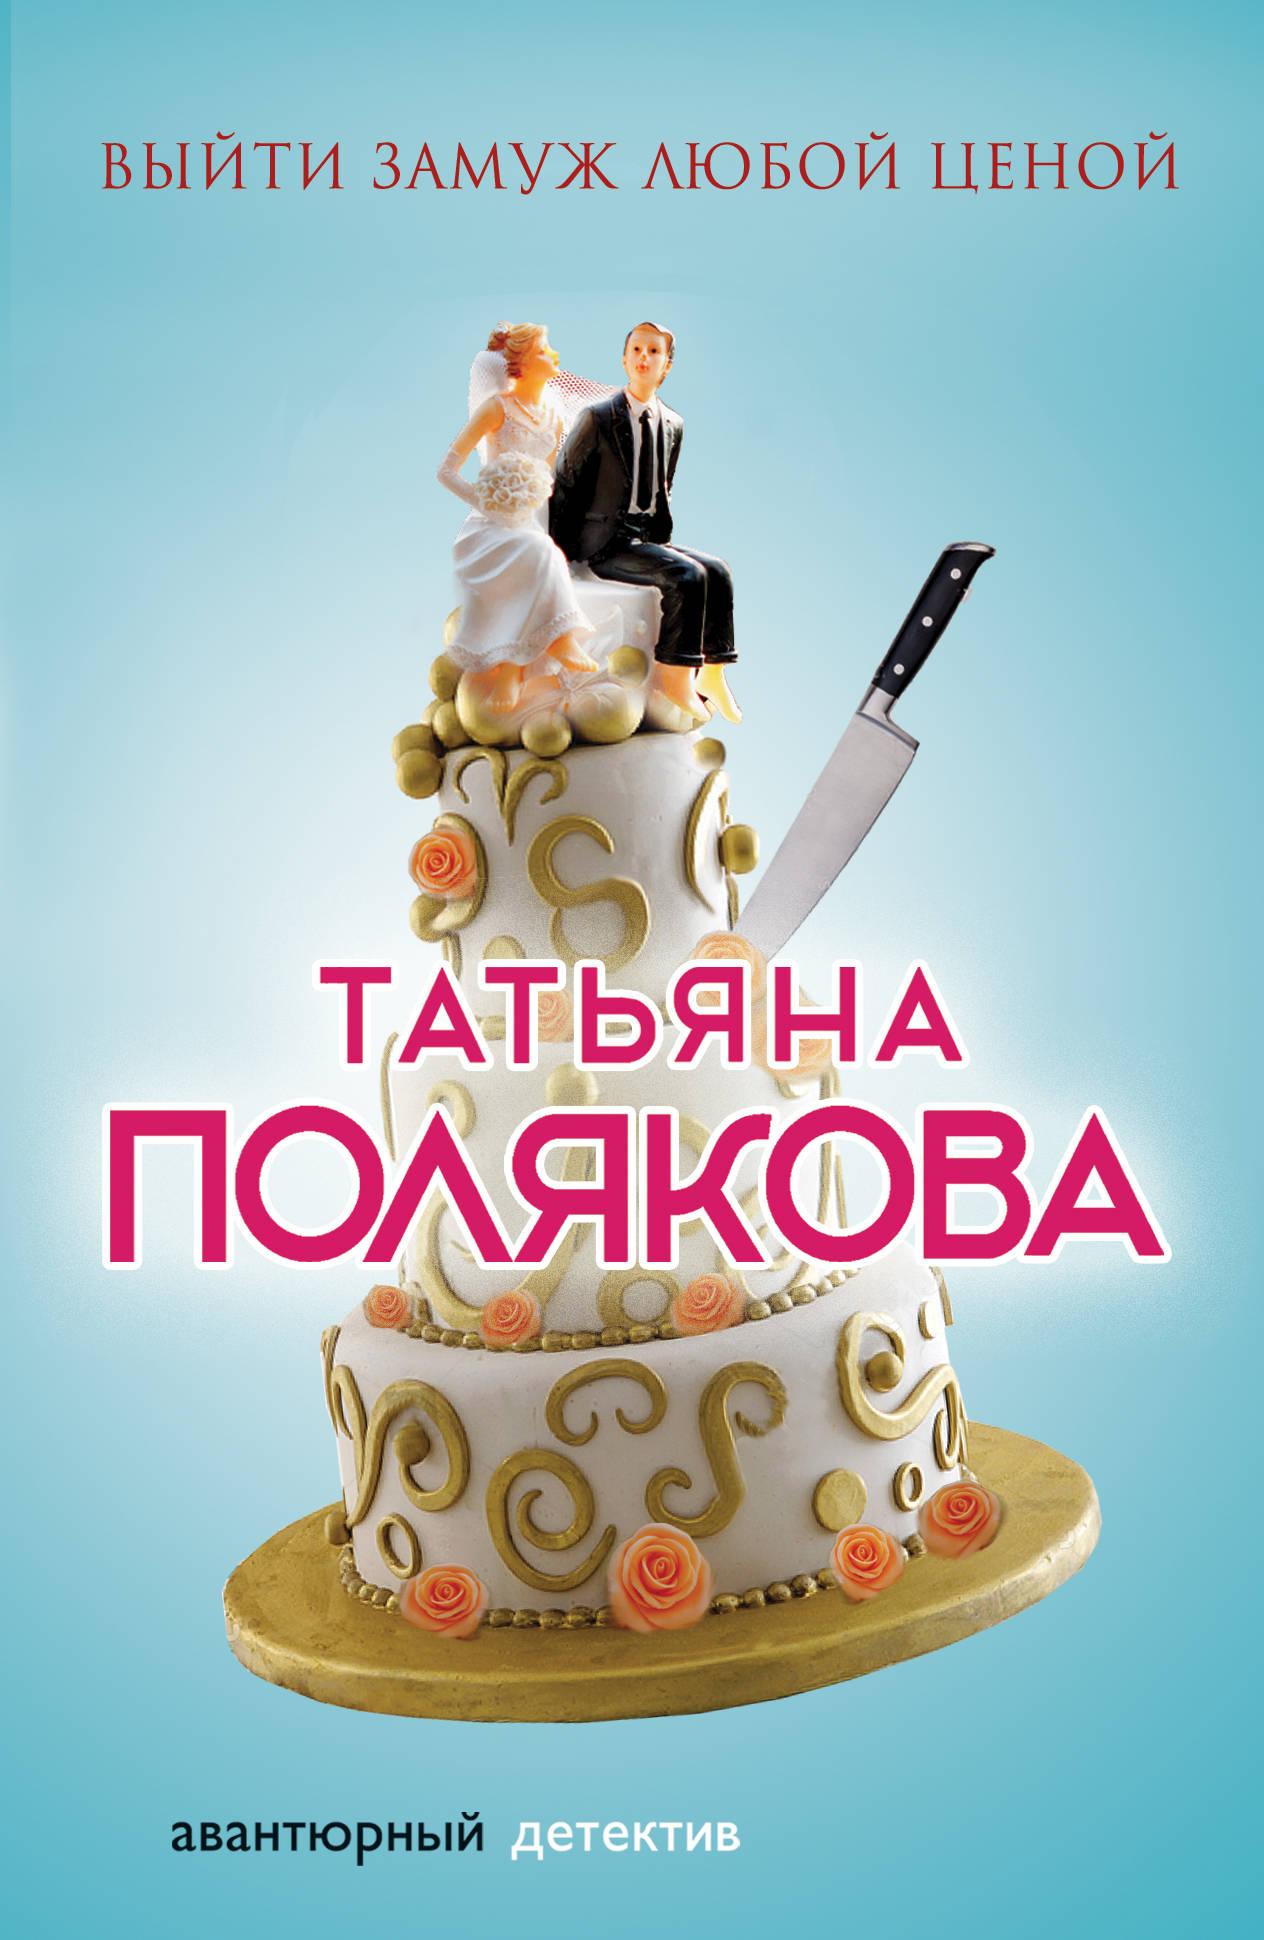 Полякова Татьяна Викторовна Выйти замуж любой ценой